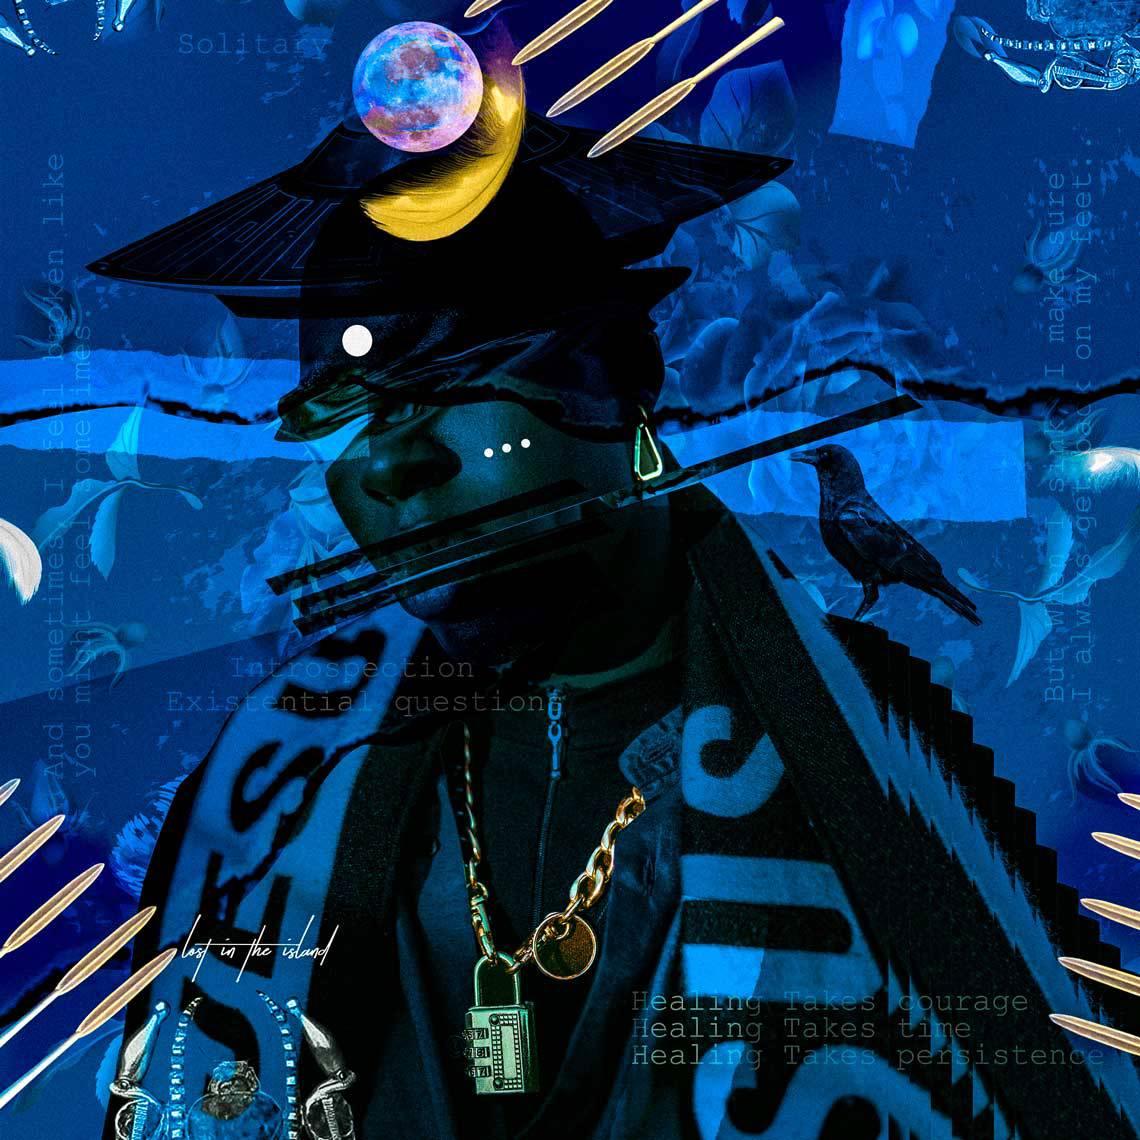 afrofuturism-collages-of-kaylan-m-11.jpg